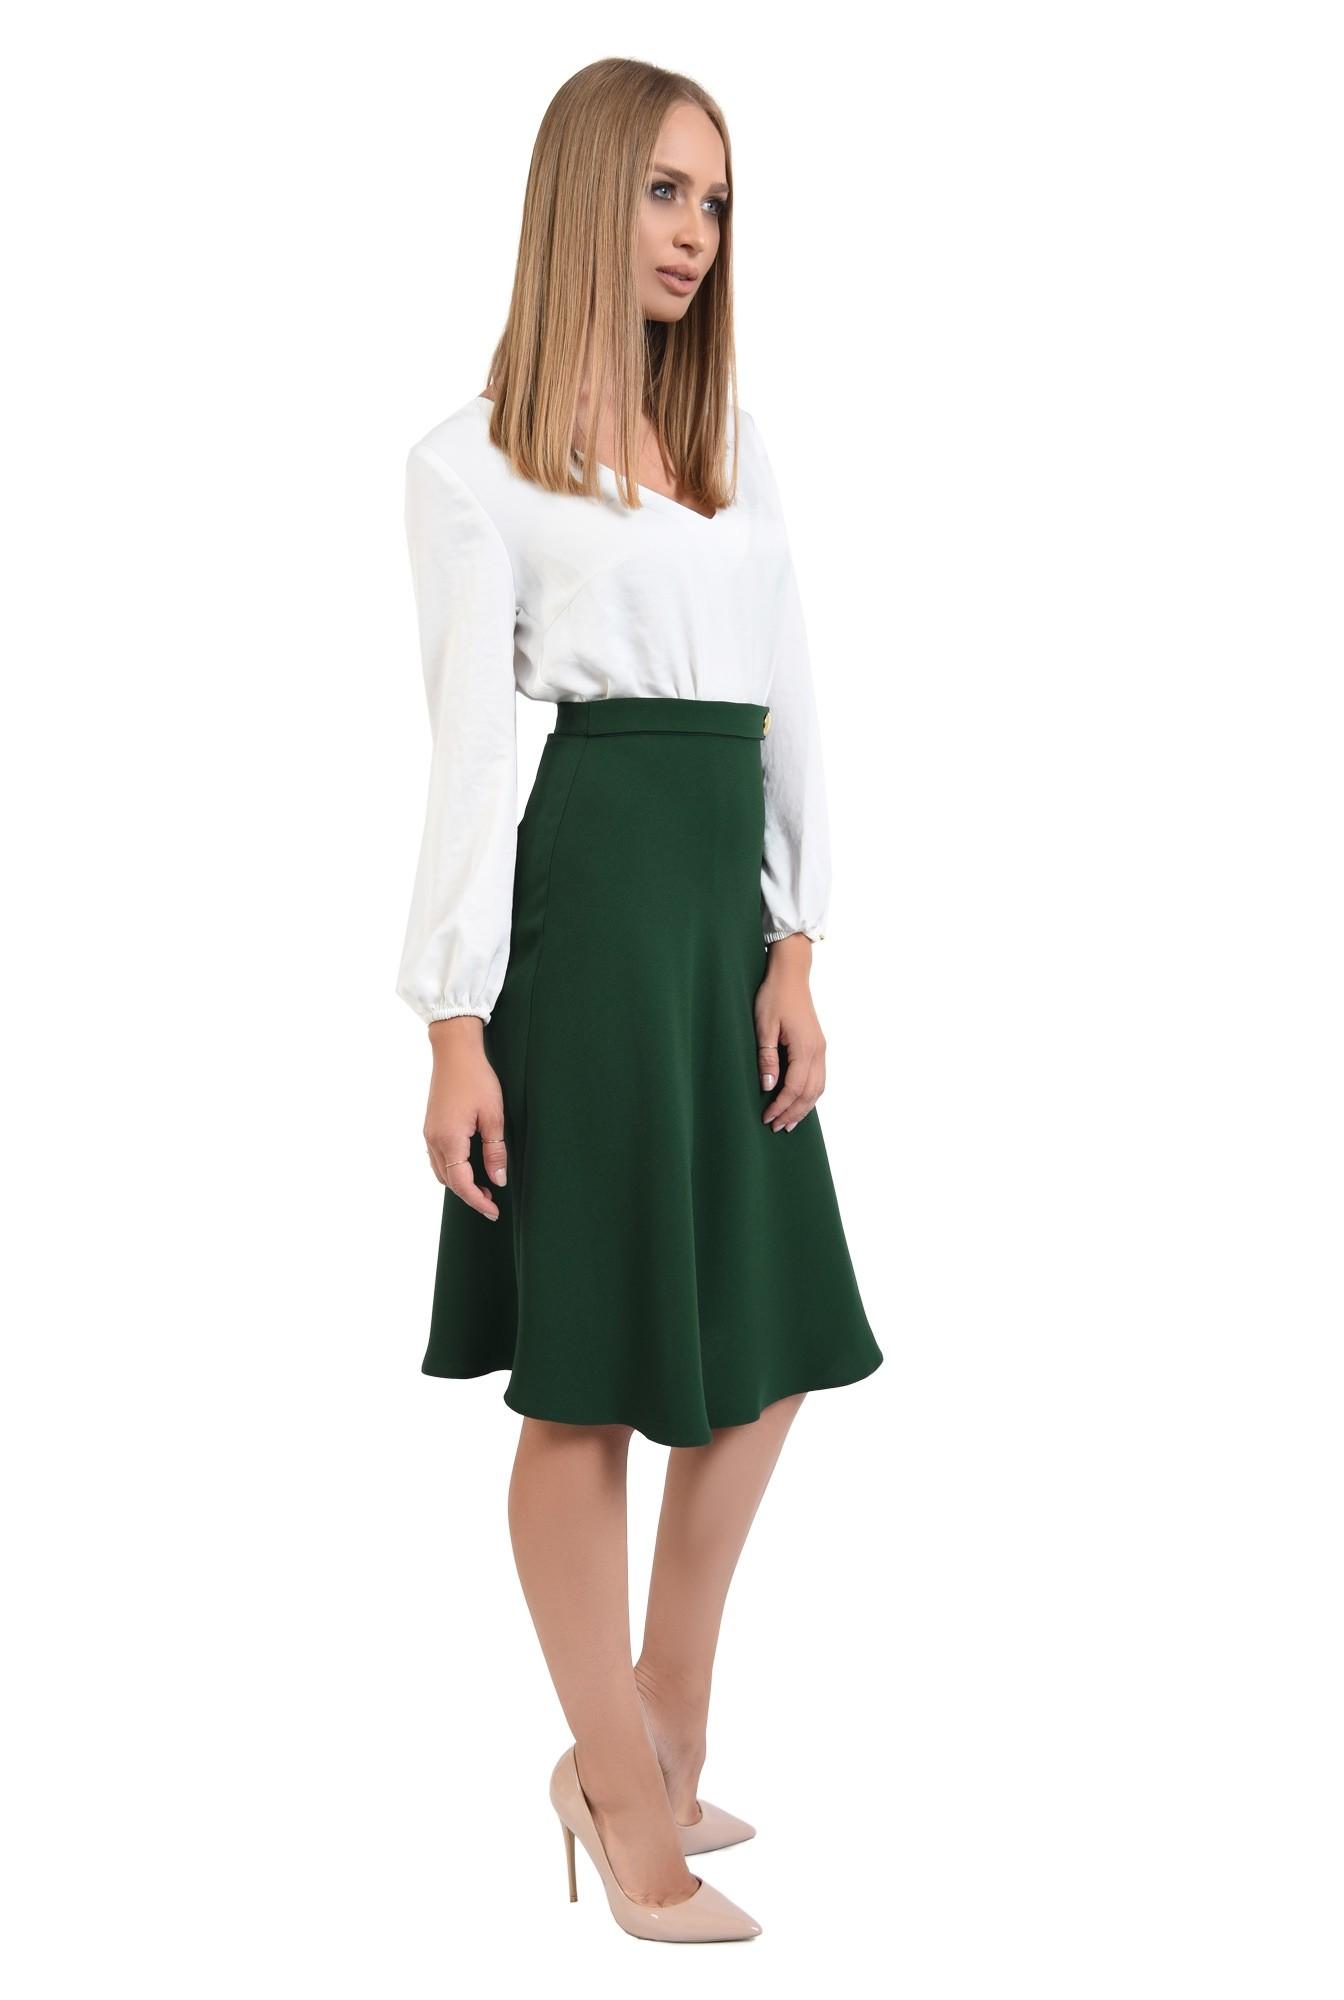 0 - fusta casual, evazata, verde, talie inalta